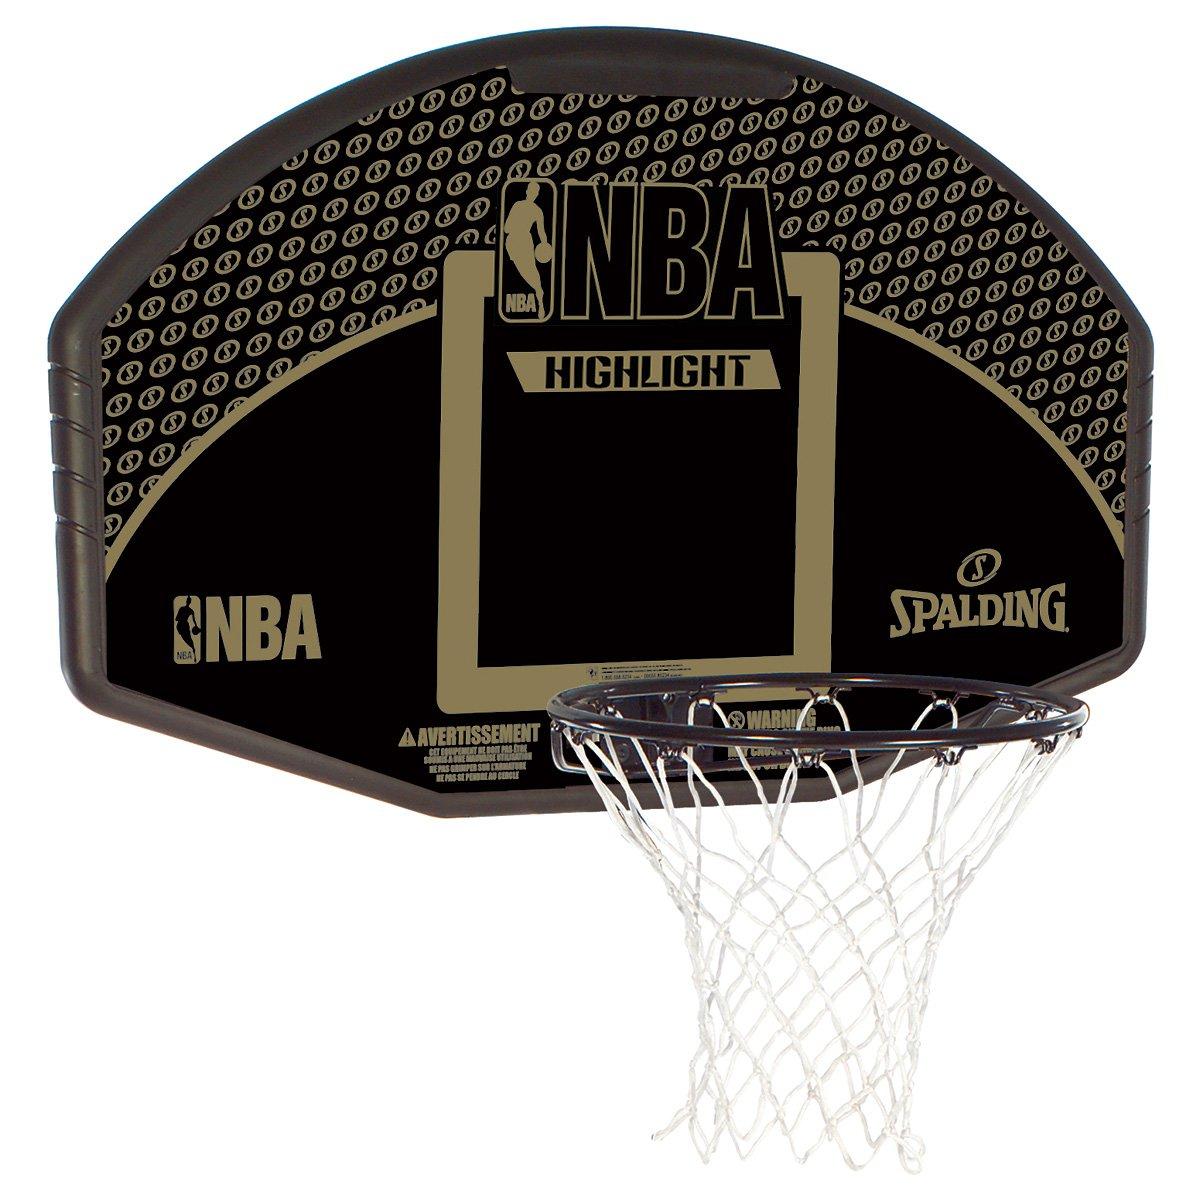 Tabela de Basquete Spalding NBA Highlight - Compre Agora  7ccba56d1240f